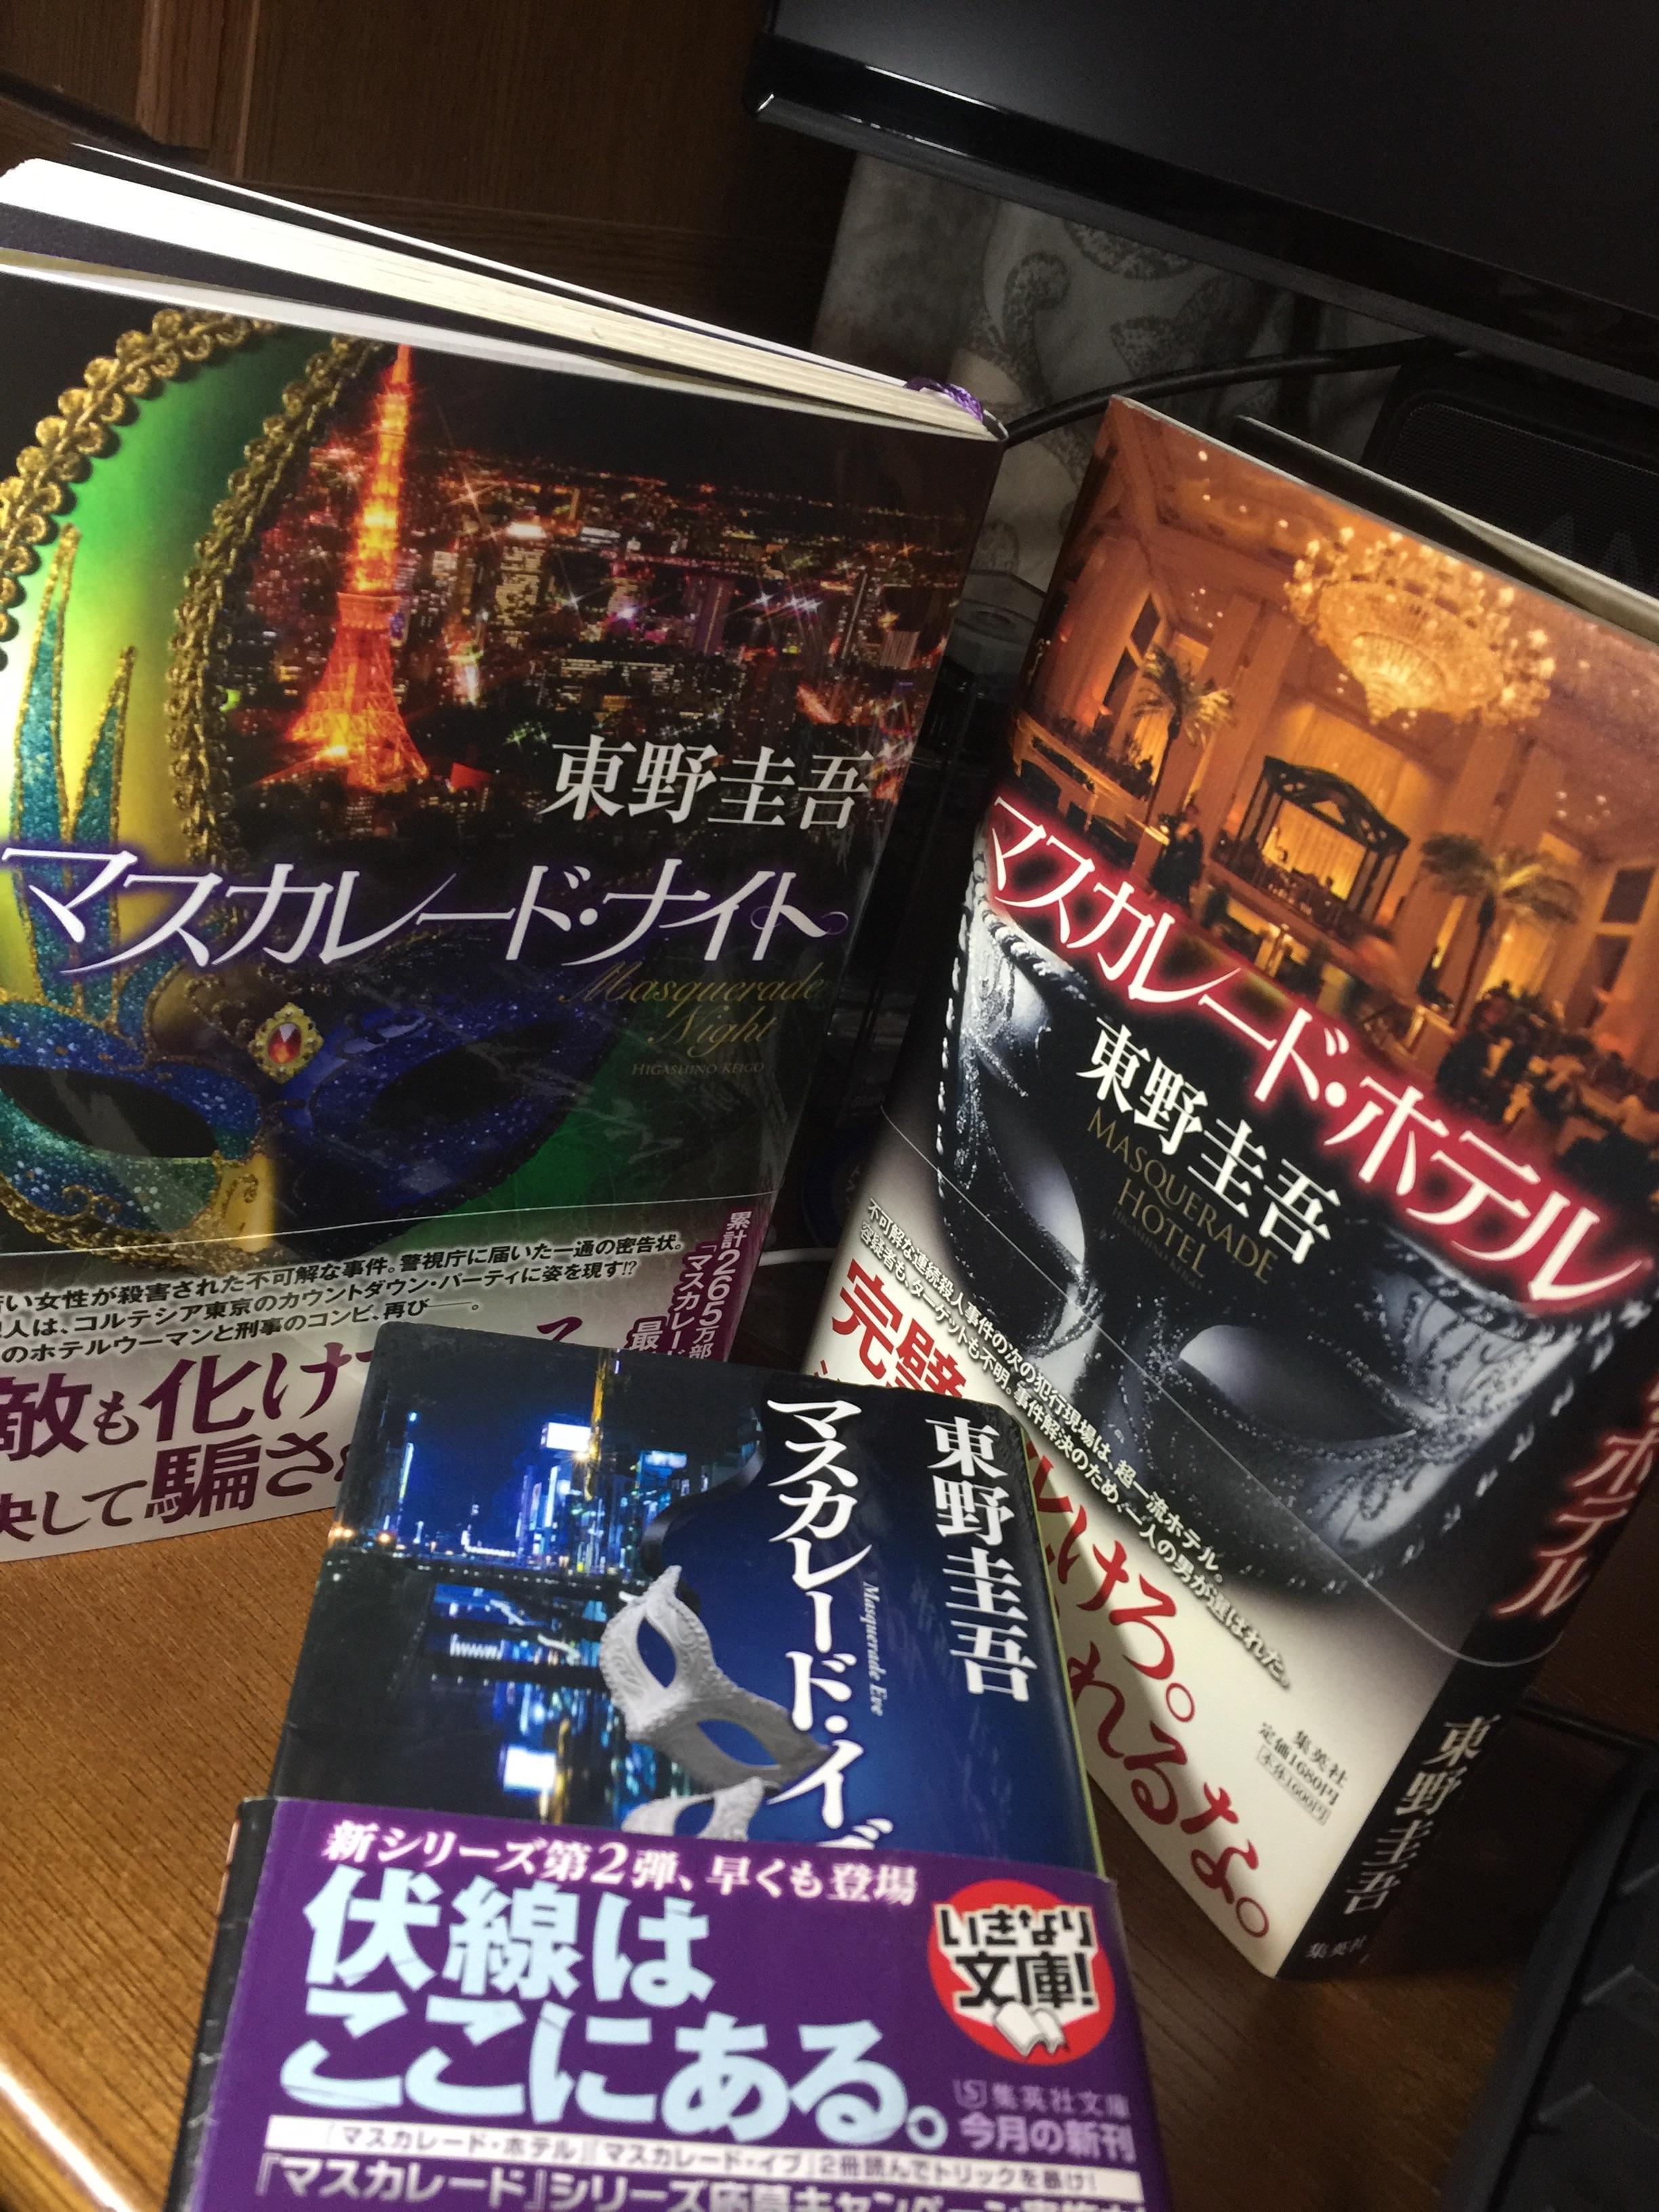 『マスカレードナイト』 感想 東野圭吾 最新刊